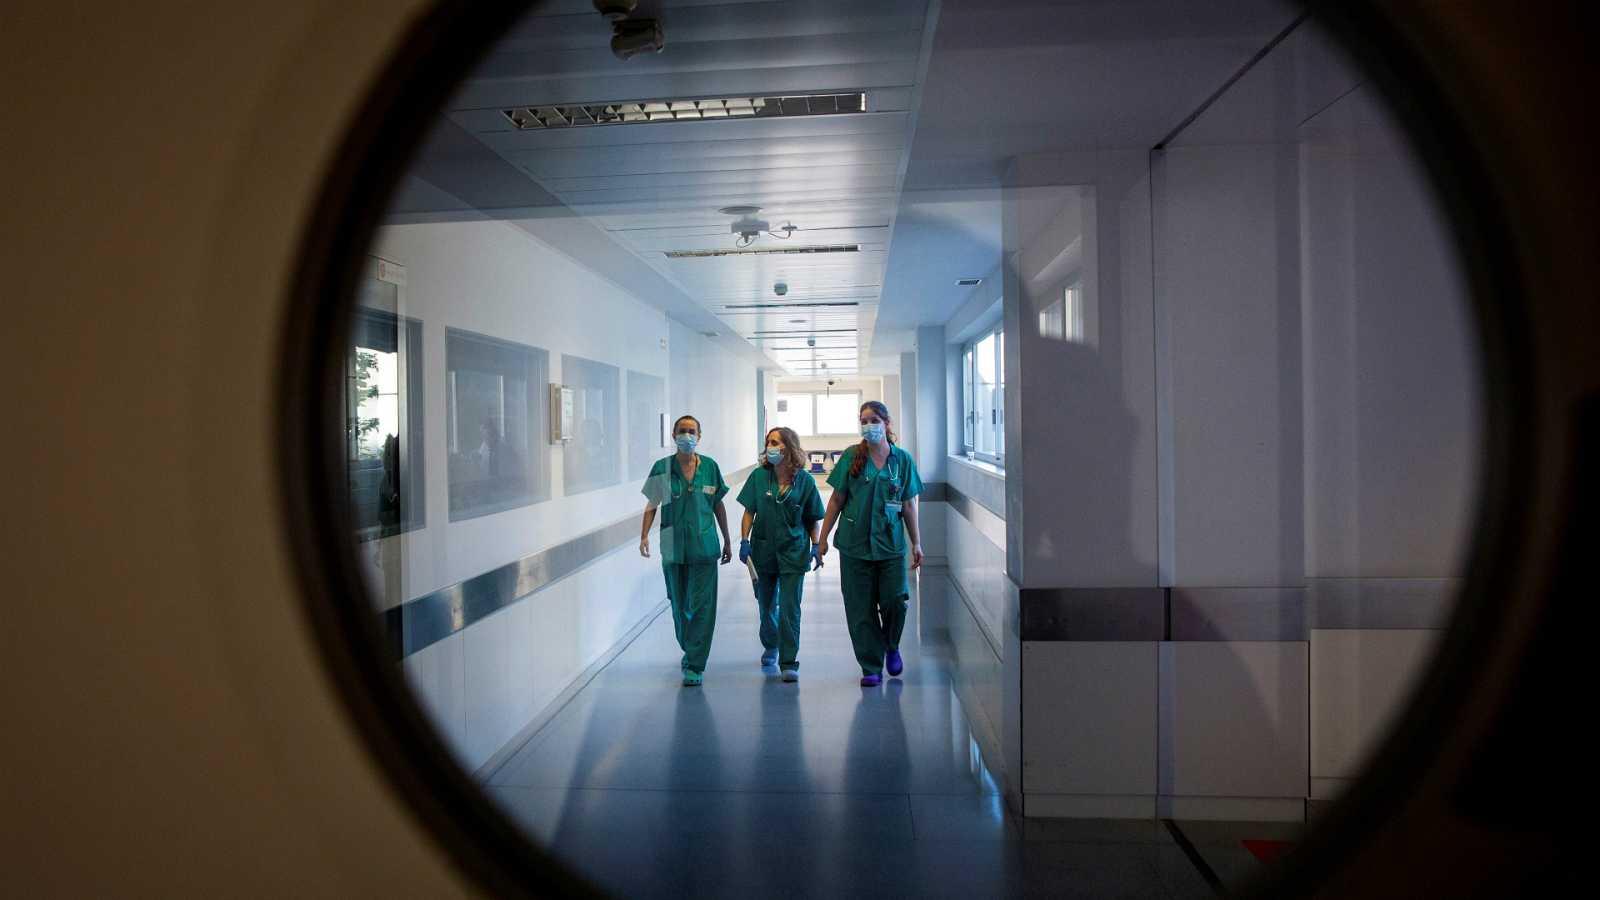 """14 horas - Los profesionales de urgencias del hospital de Logroño, """"al límite físico y psicológico"""" - Escuchar ahora"""